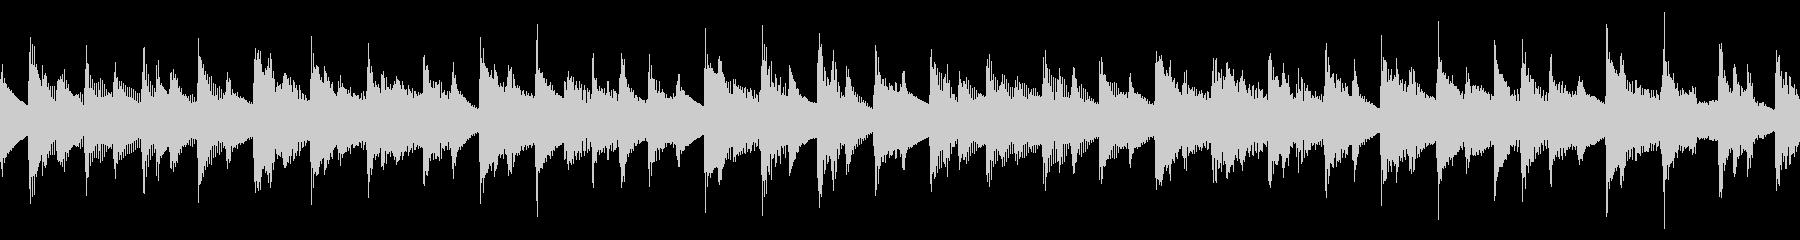 アコギの陽気な伴奏のシンプルなループ曲の未再生の波形